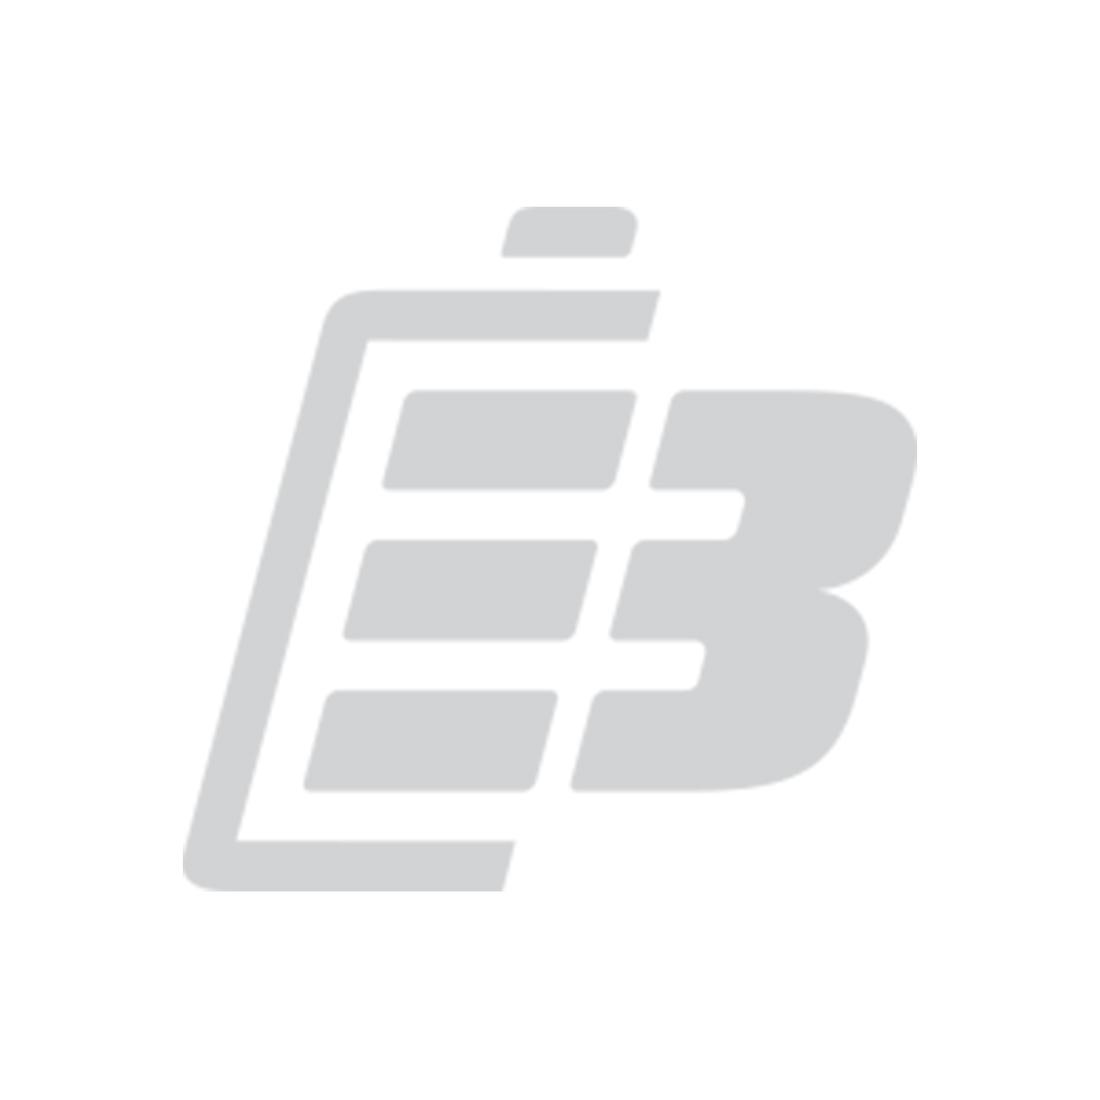 Μπαταρια ασυρματου τηλεφωνου Panasonic KX-TCA285_1